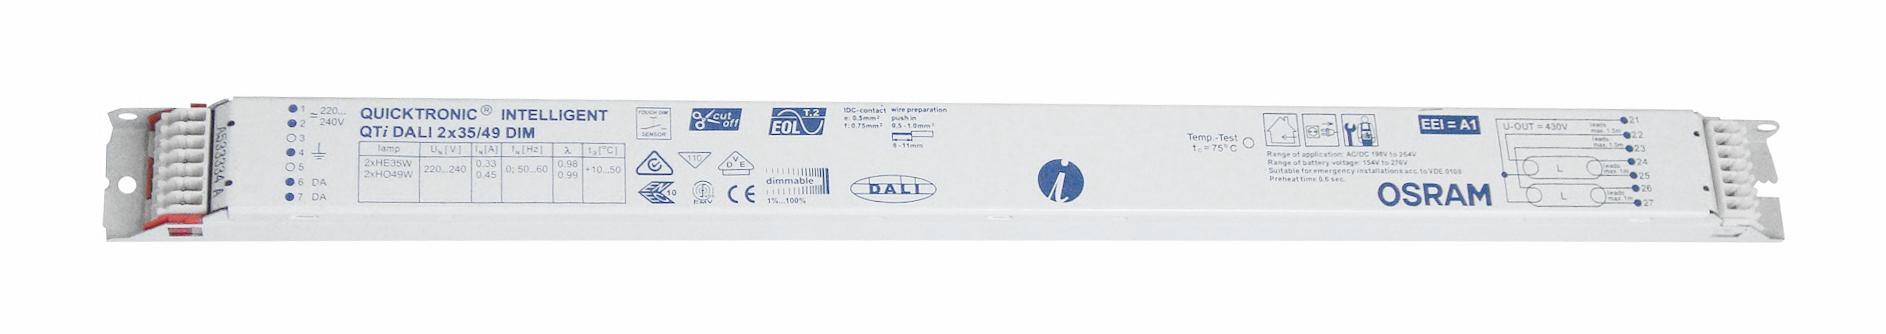 1 Stk EVG QTIDALI 2x35/49/220-240 für T5 dimmbar DALI LI5Z870465